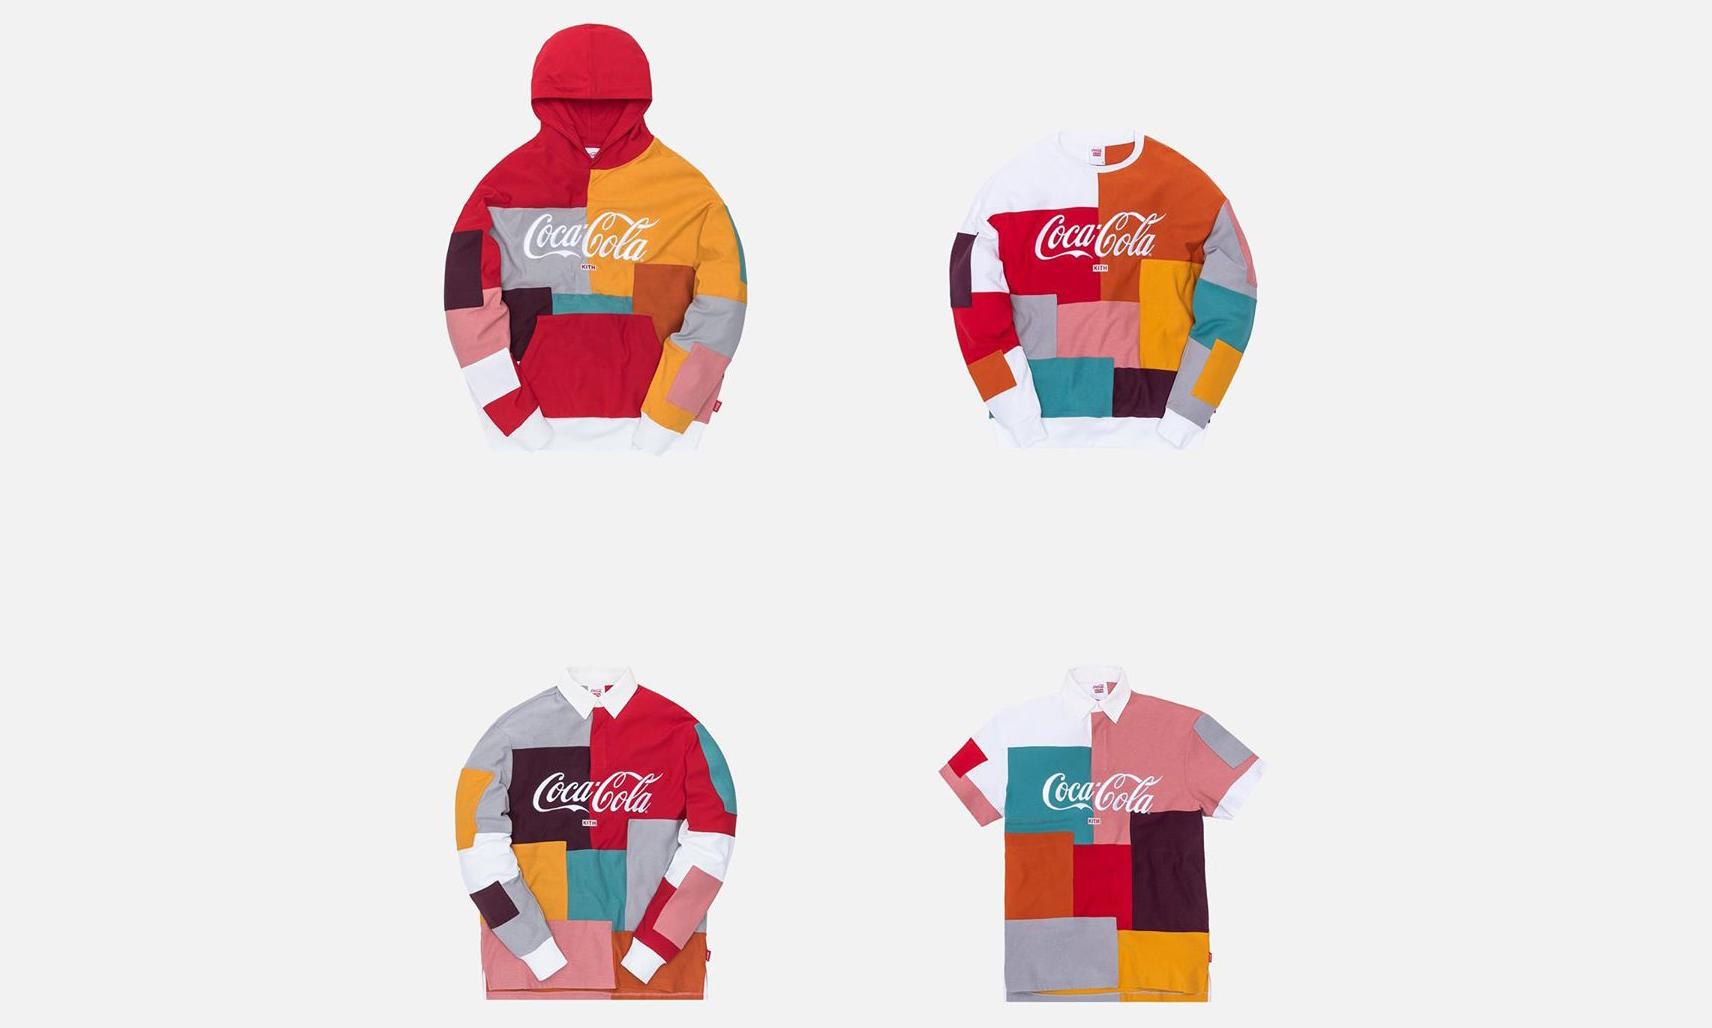 可口可乐 x KITH 联名系列首辑 4 款将于今晚 23 点首发